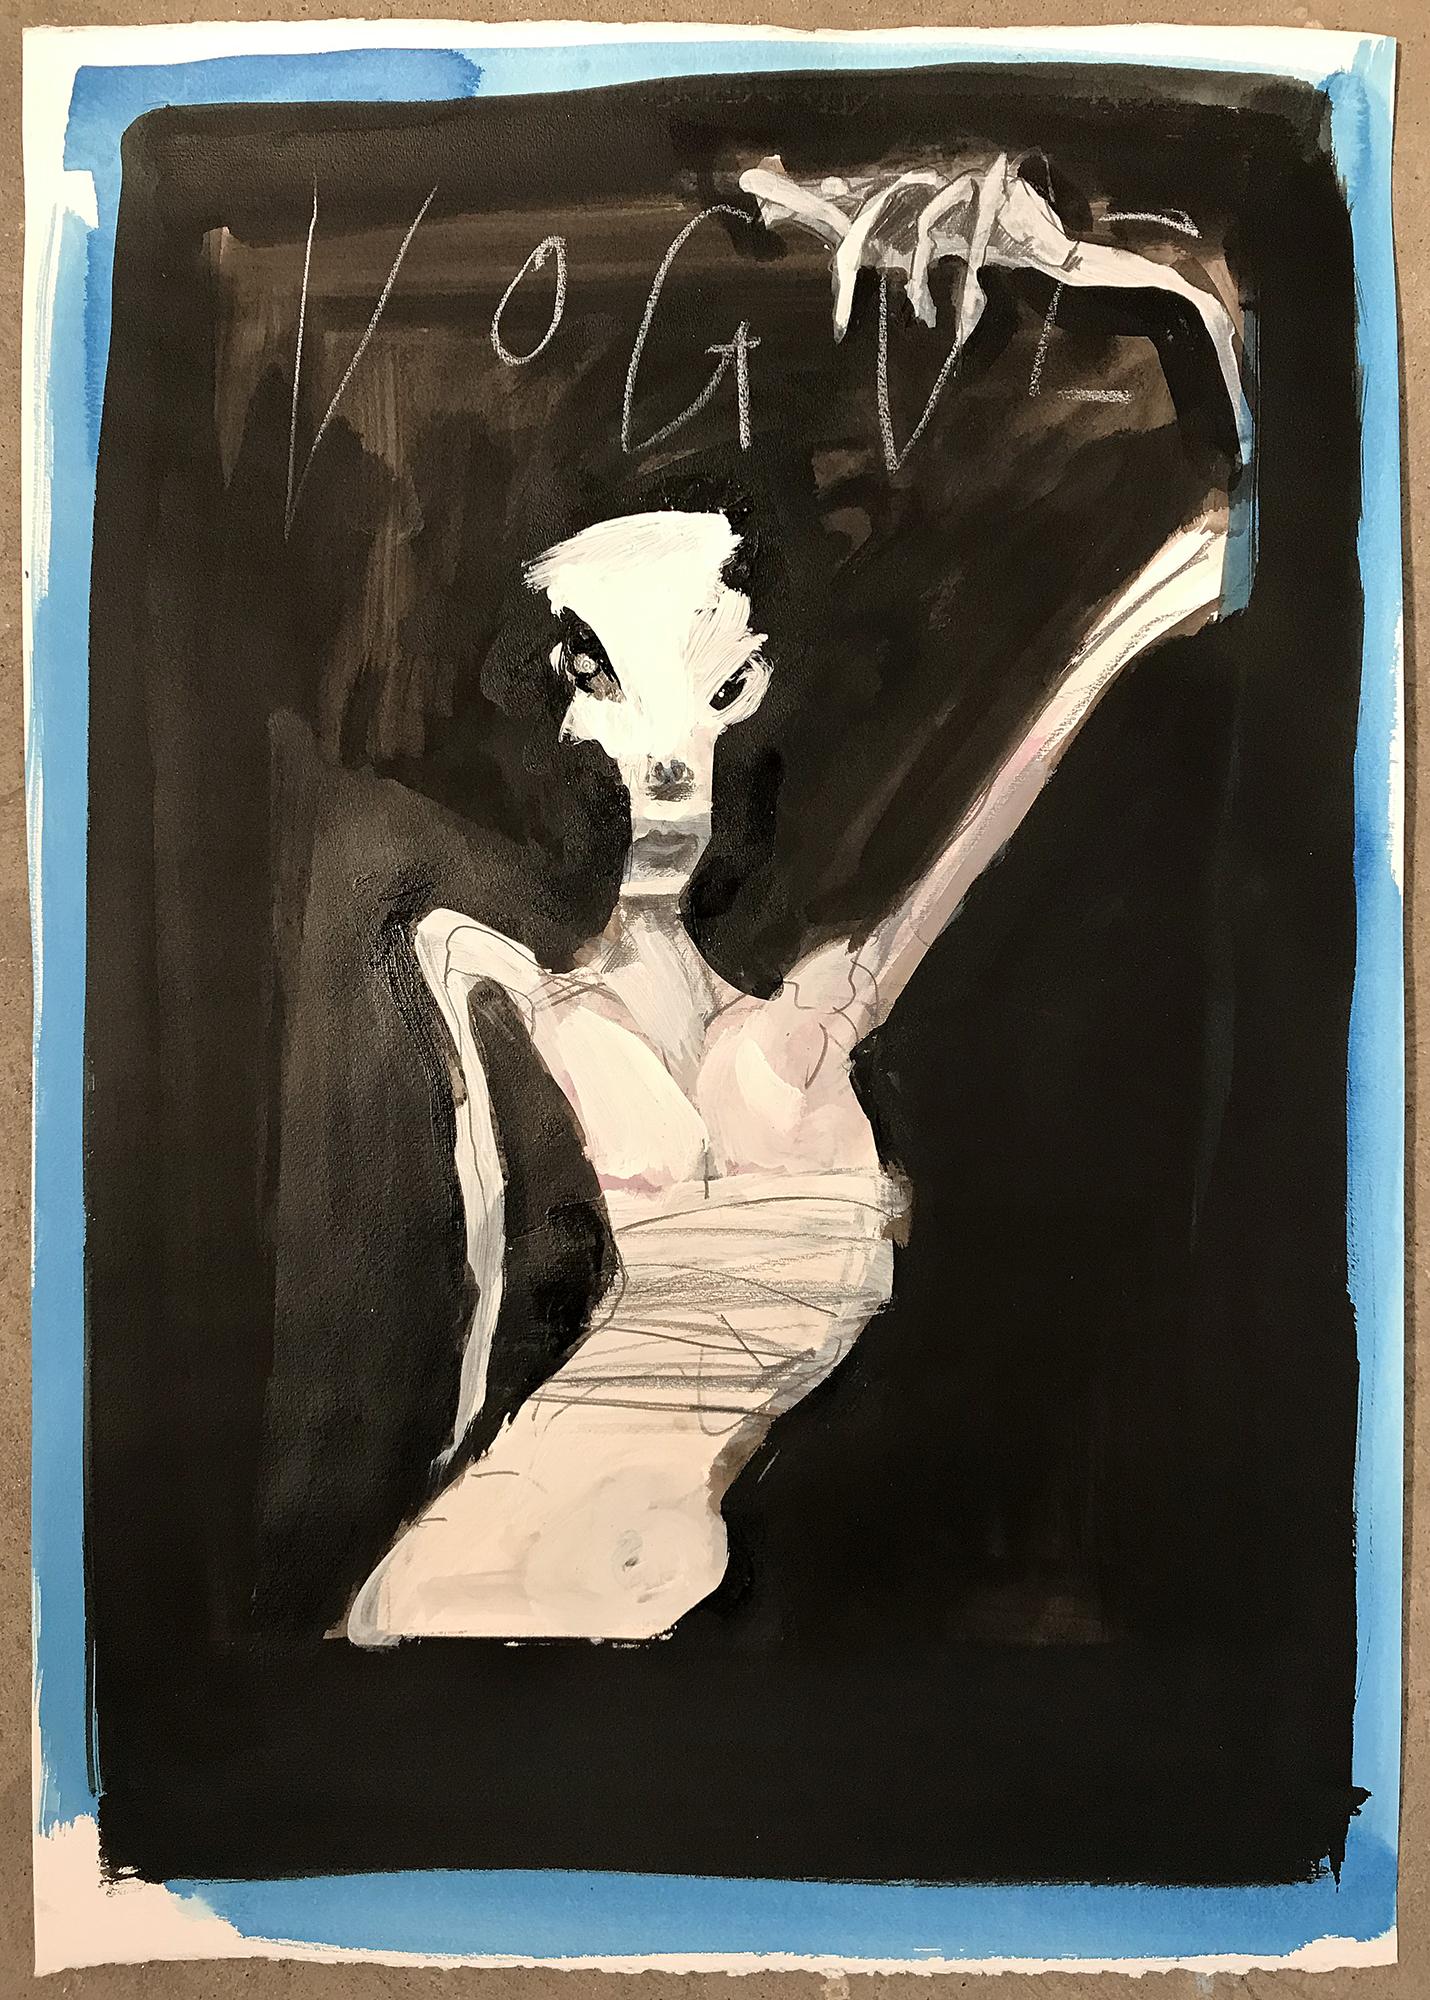 Vogue 2, 2003, Mischtechnik auf Büttenpapier, 50 x 70 cm, ohne Rahmen